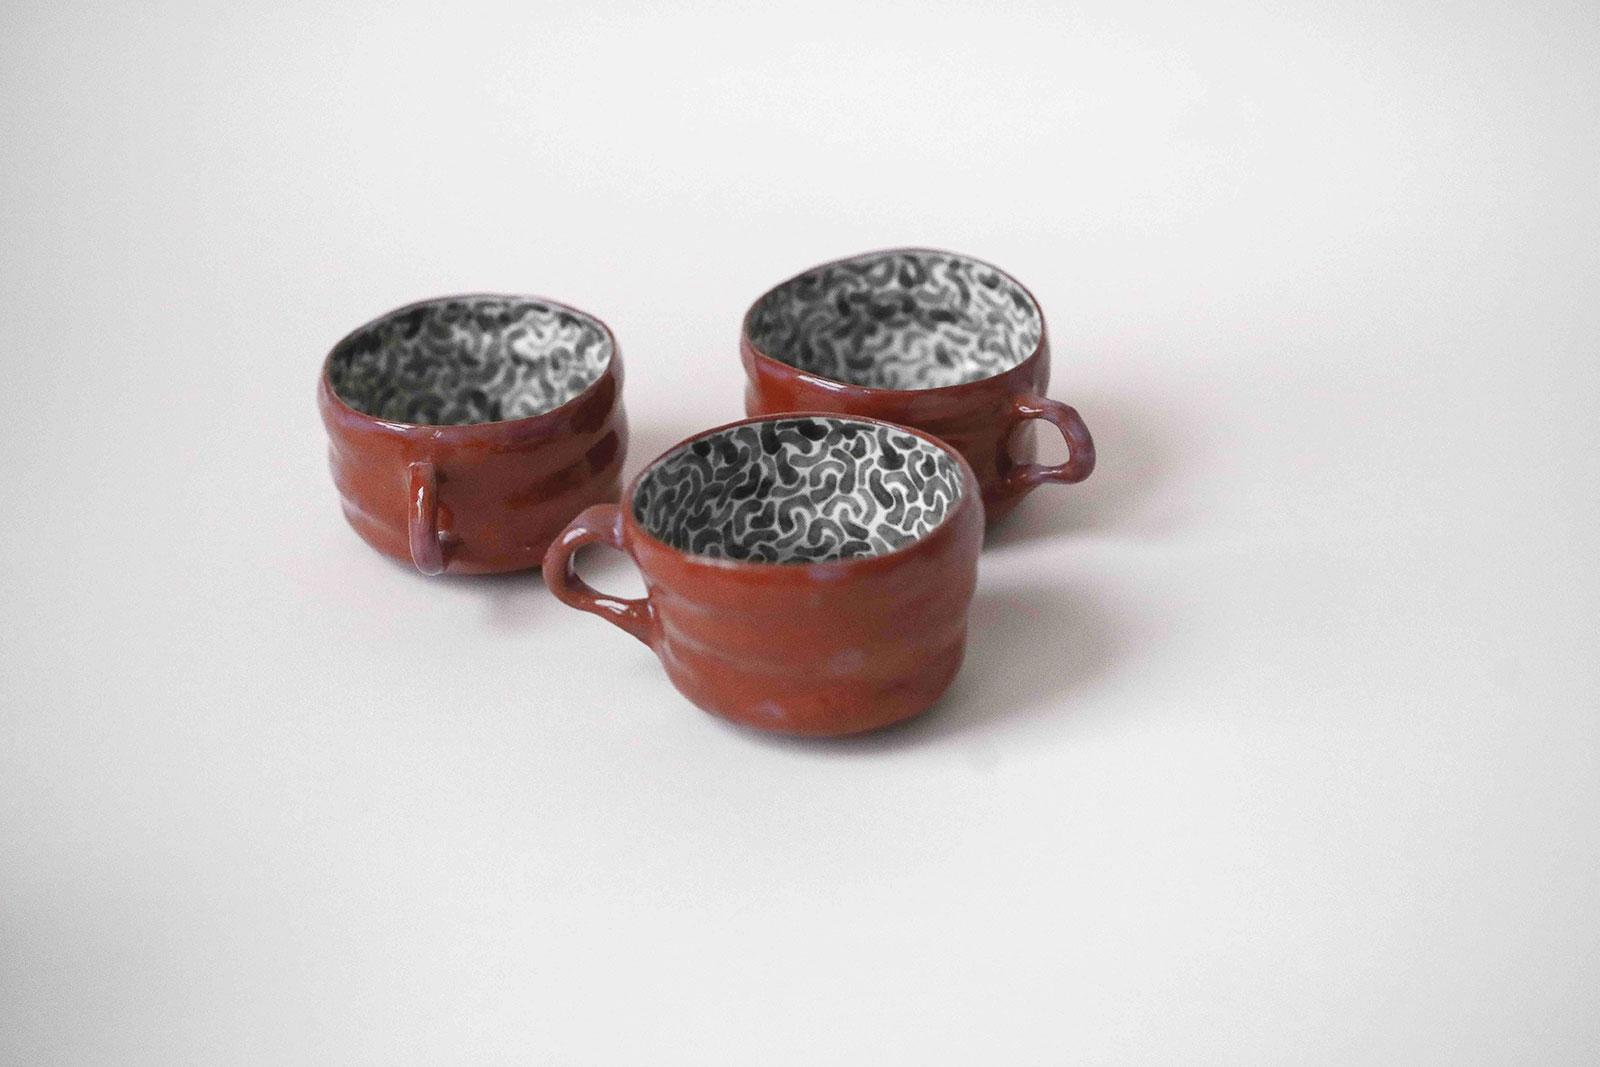 Декоративные чашки из керамики - Коллекция «Дежавю №2» (Ручная работа)